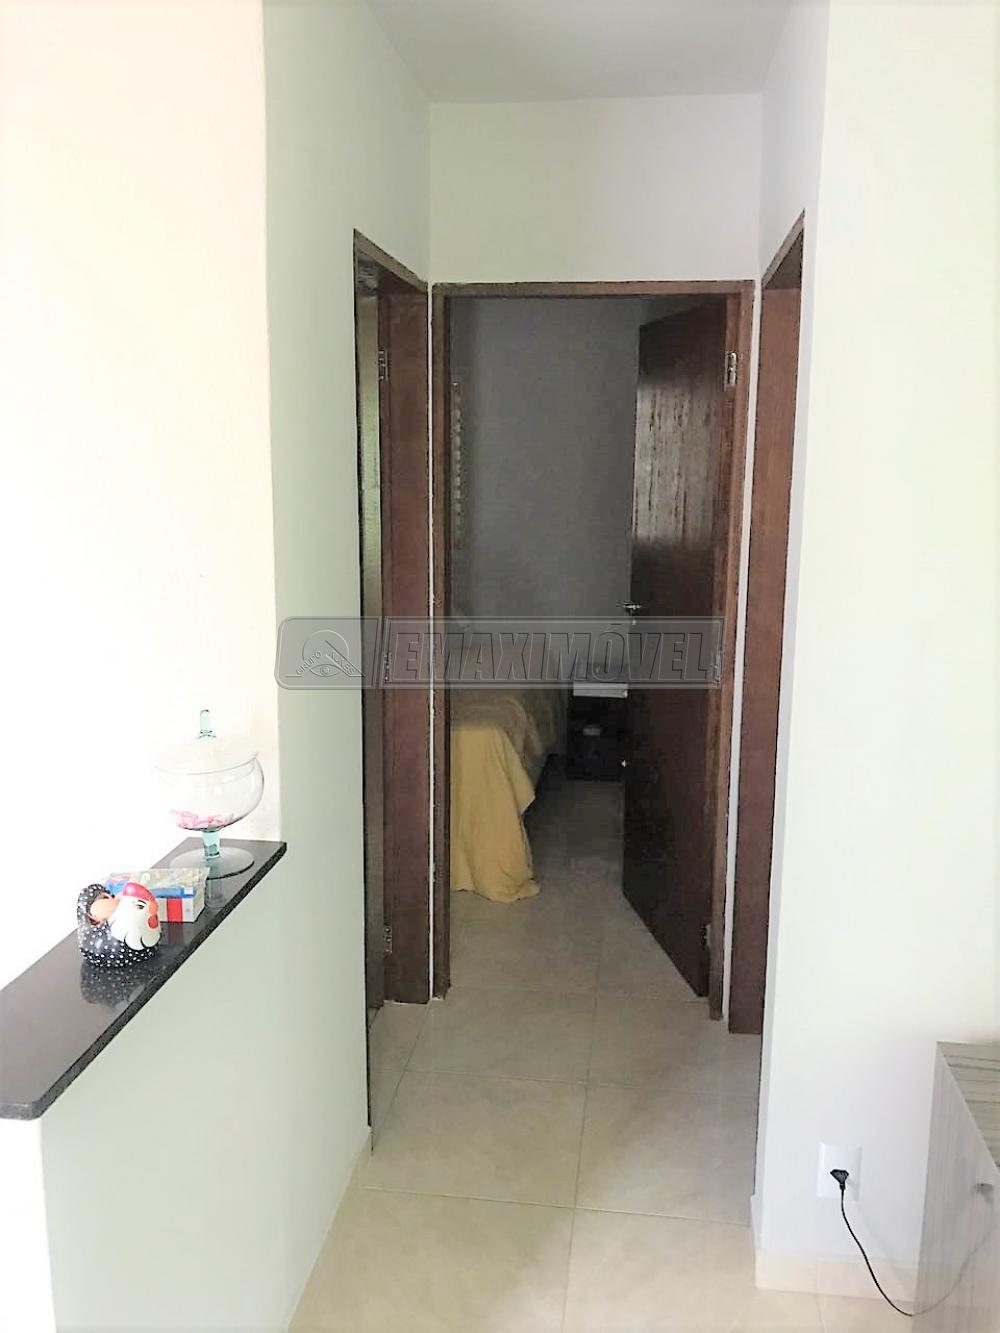 Comprar Casas / em Bairros em Sorocaba apenas R$ 310.000,00 - Foto 4